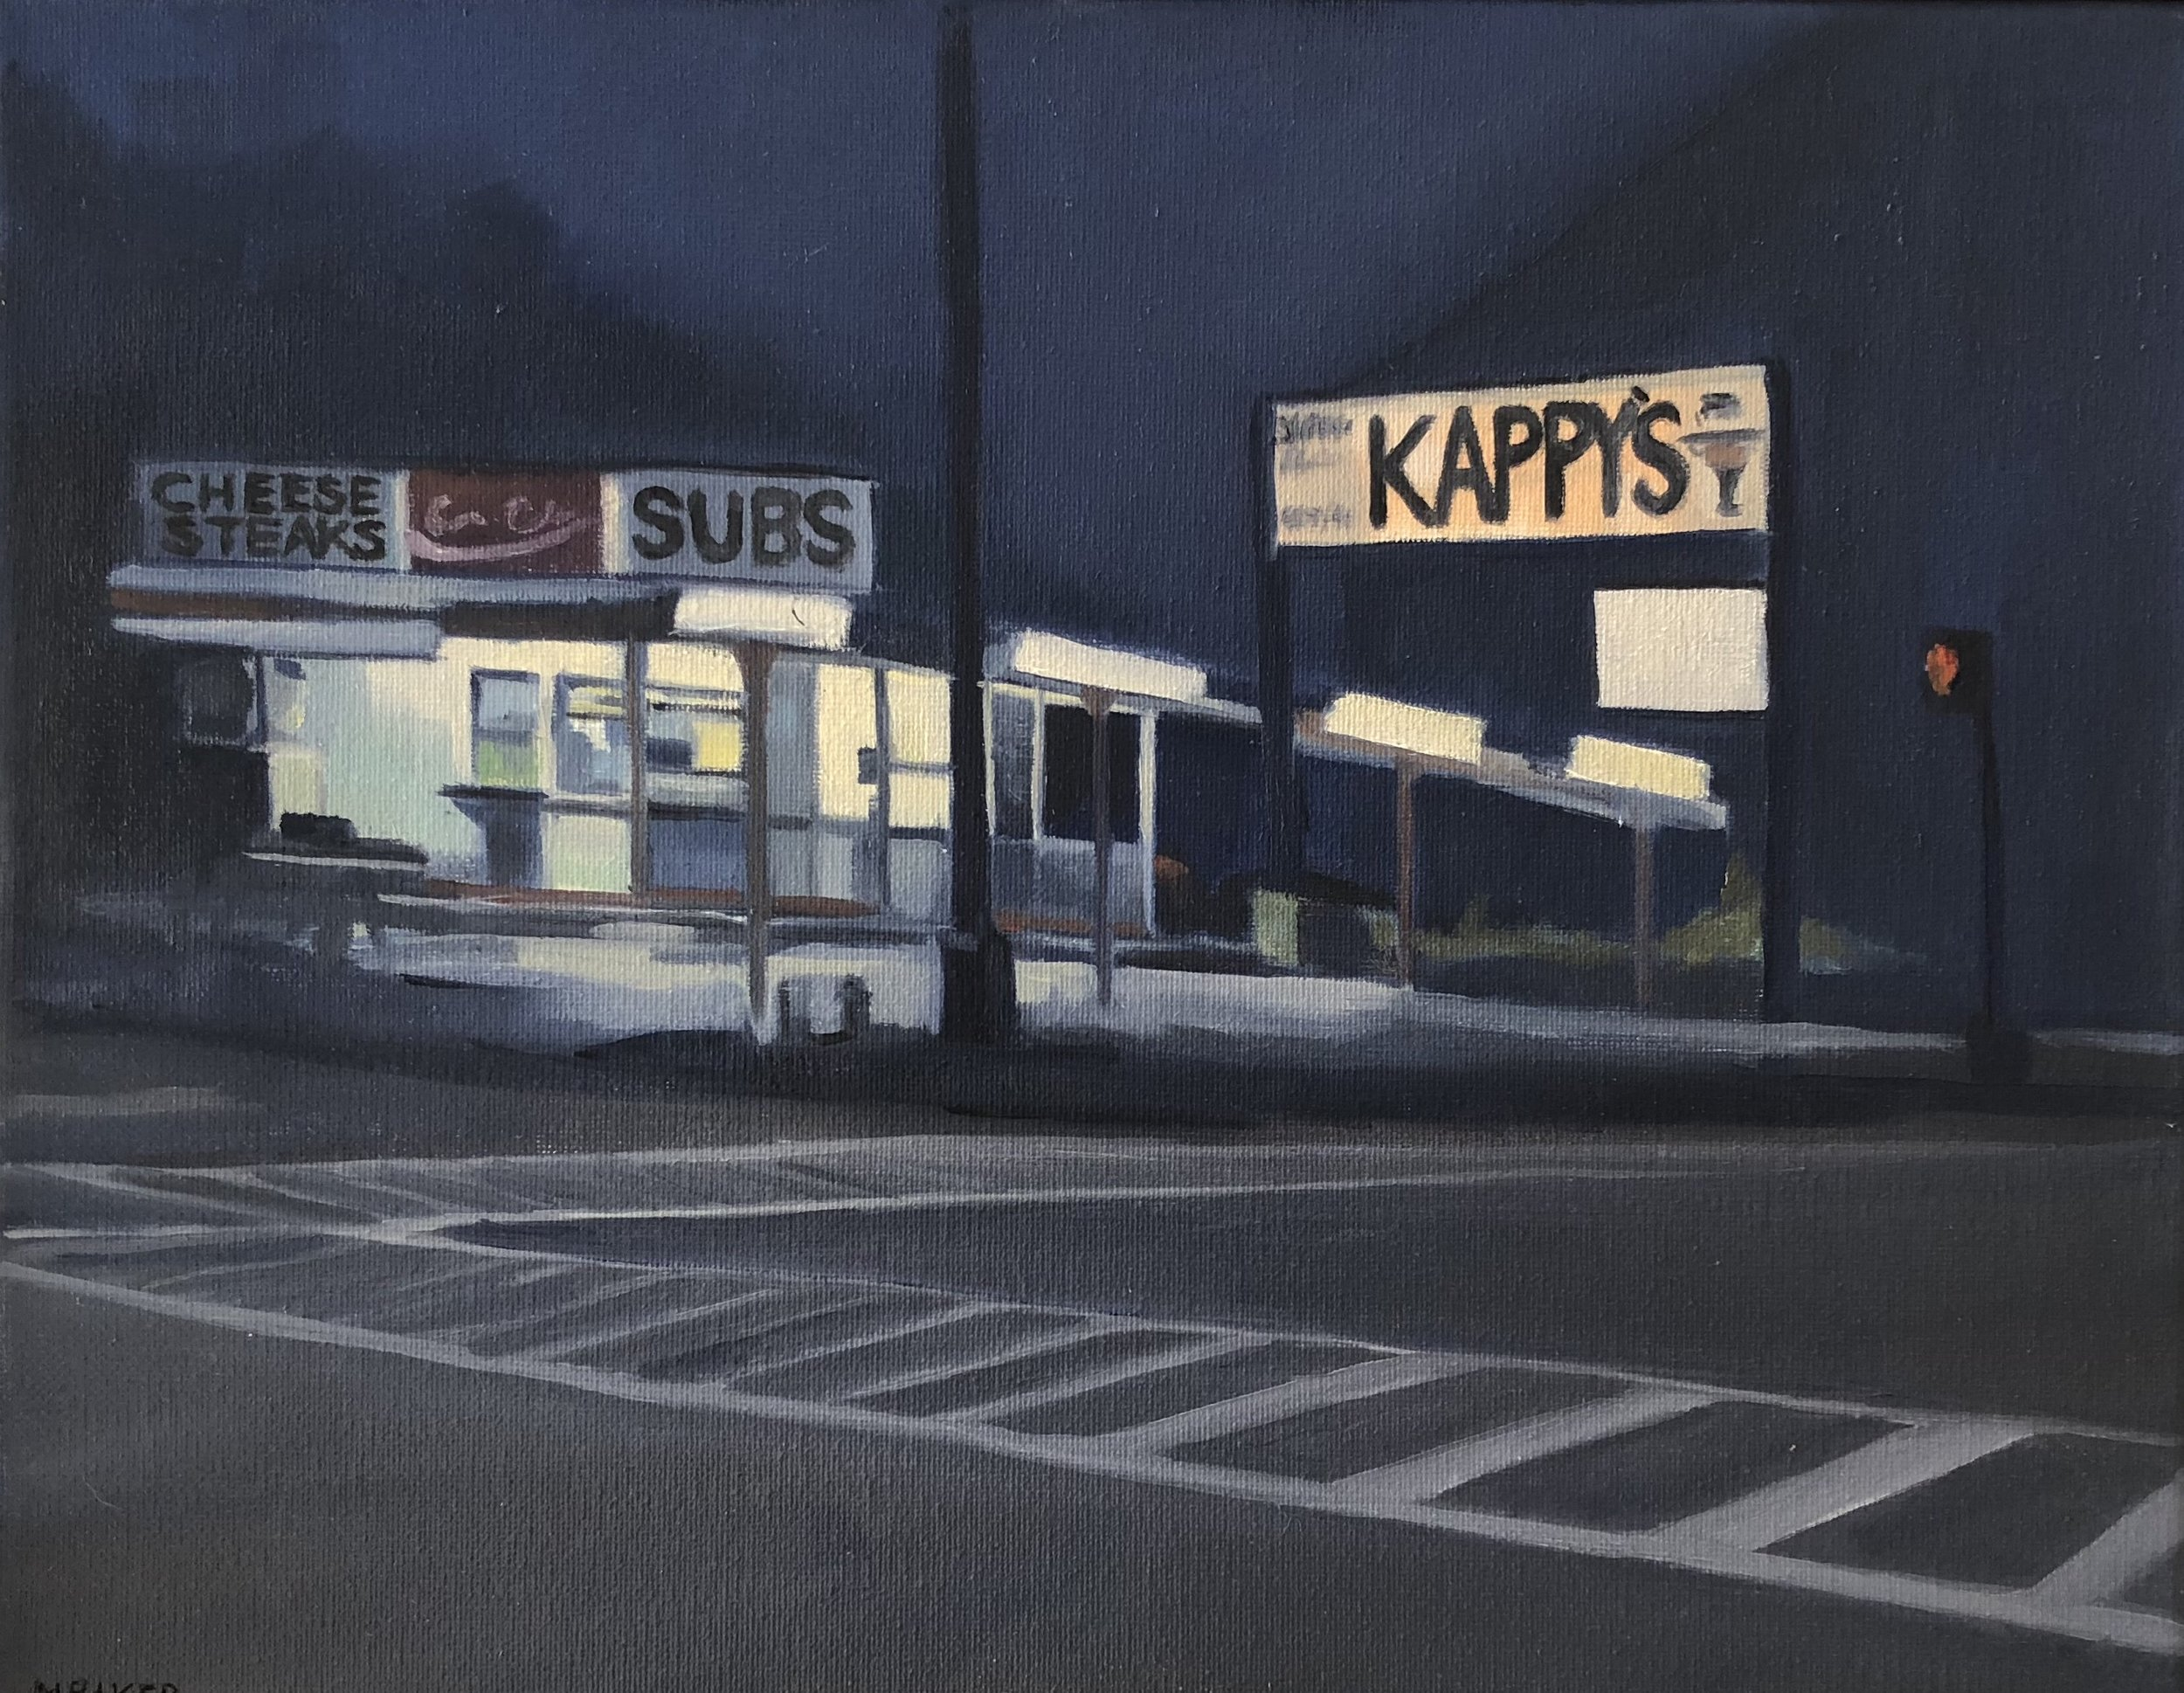 Kappy's at Night